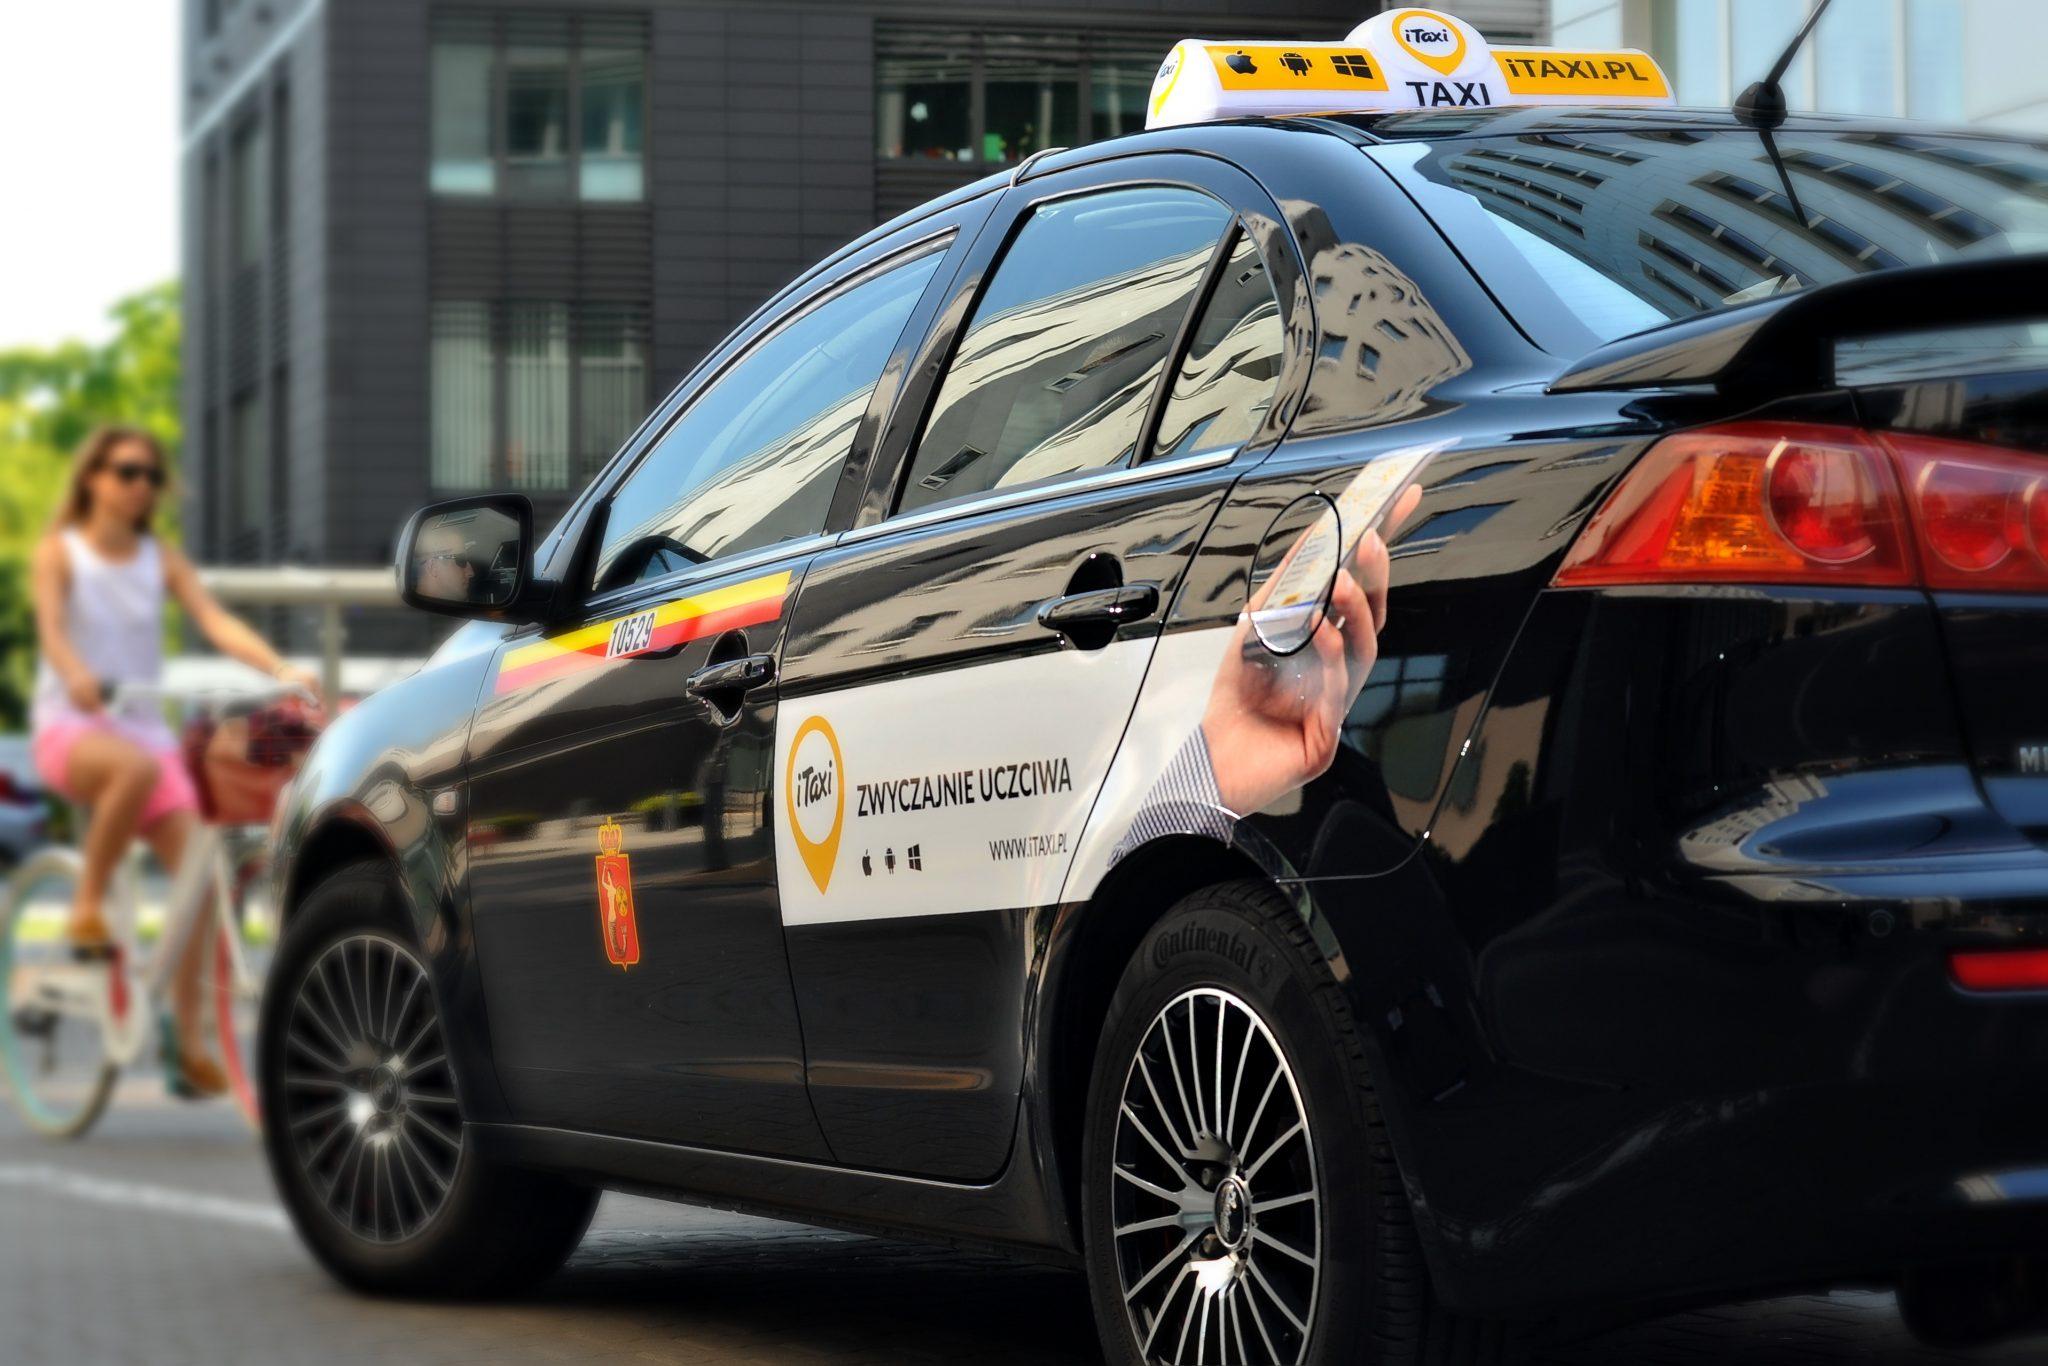 promocja na przejazd taxi